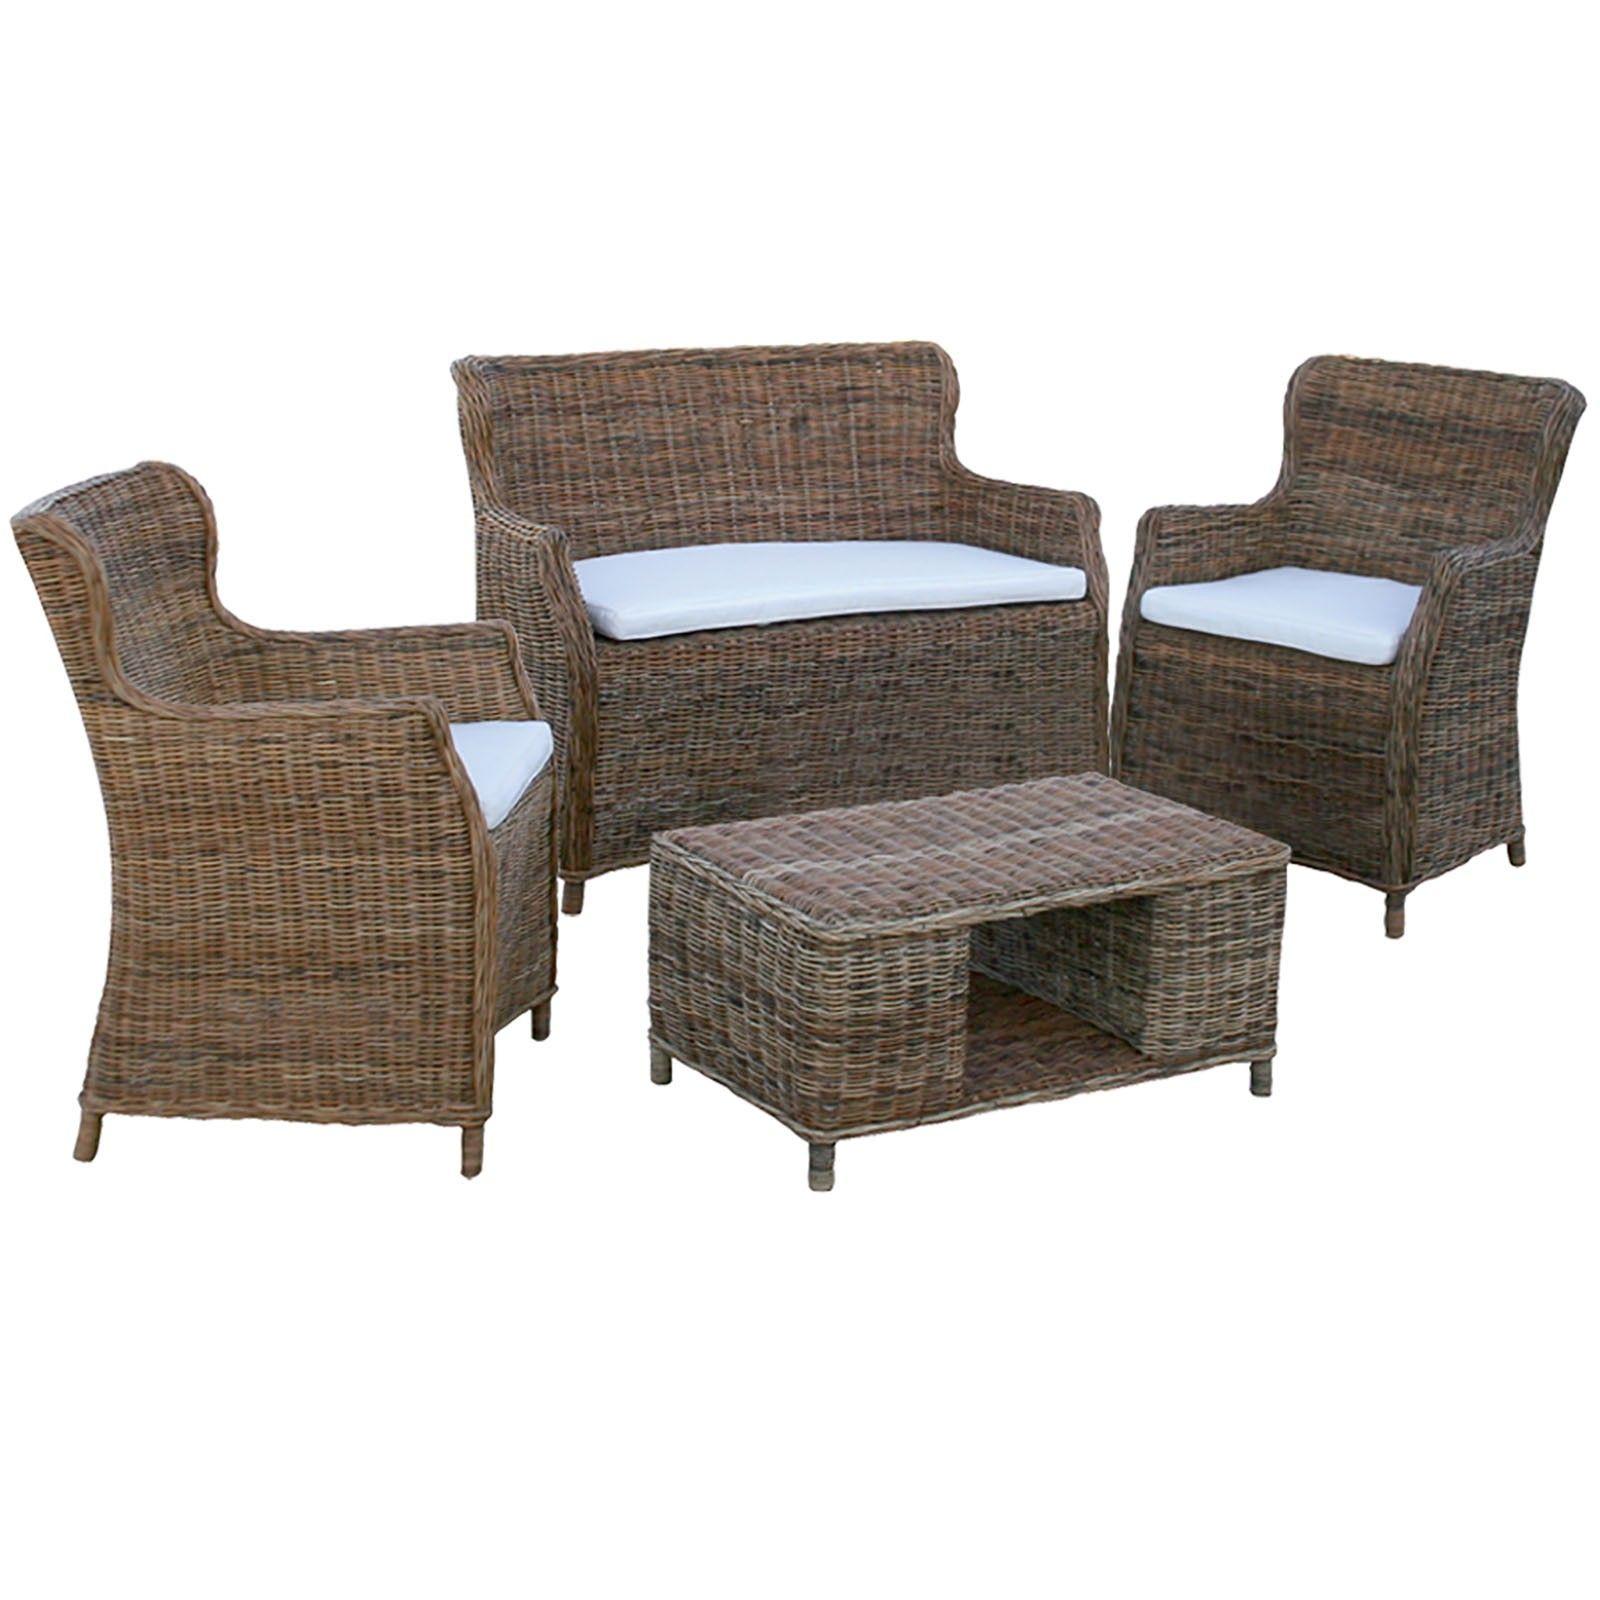 Justmoment salotto monterosso tavolo poltrona e divano for Arredo e sofa